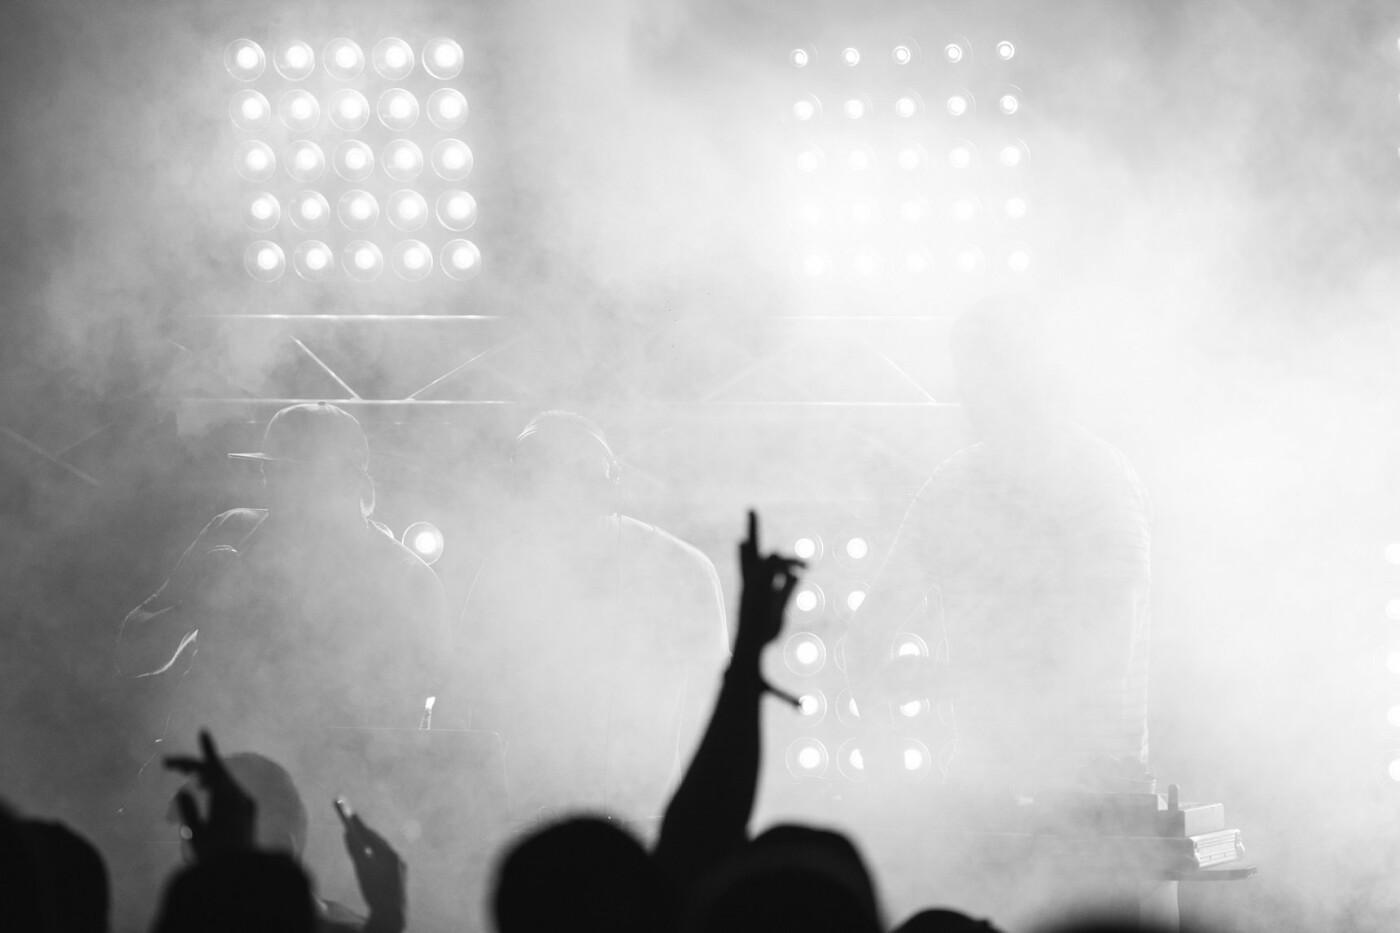 Пропозиція руки та серця, танці до світанку: нічне життя Novellina Beach Stage (фоторепортаж), фото-1